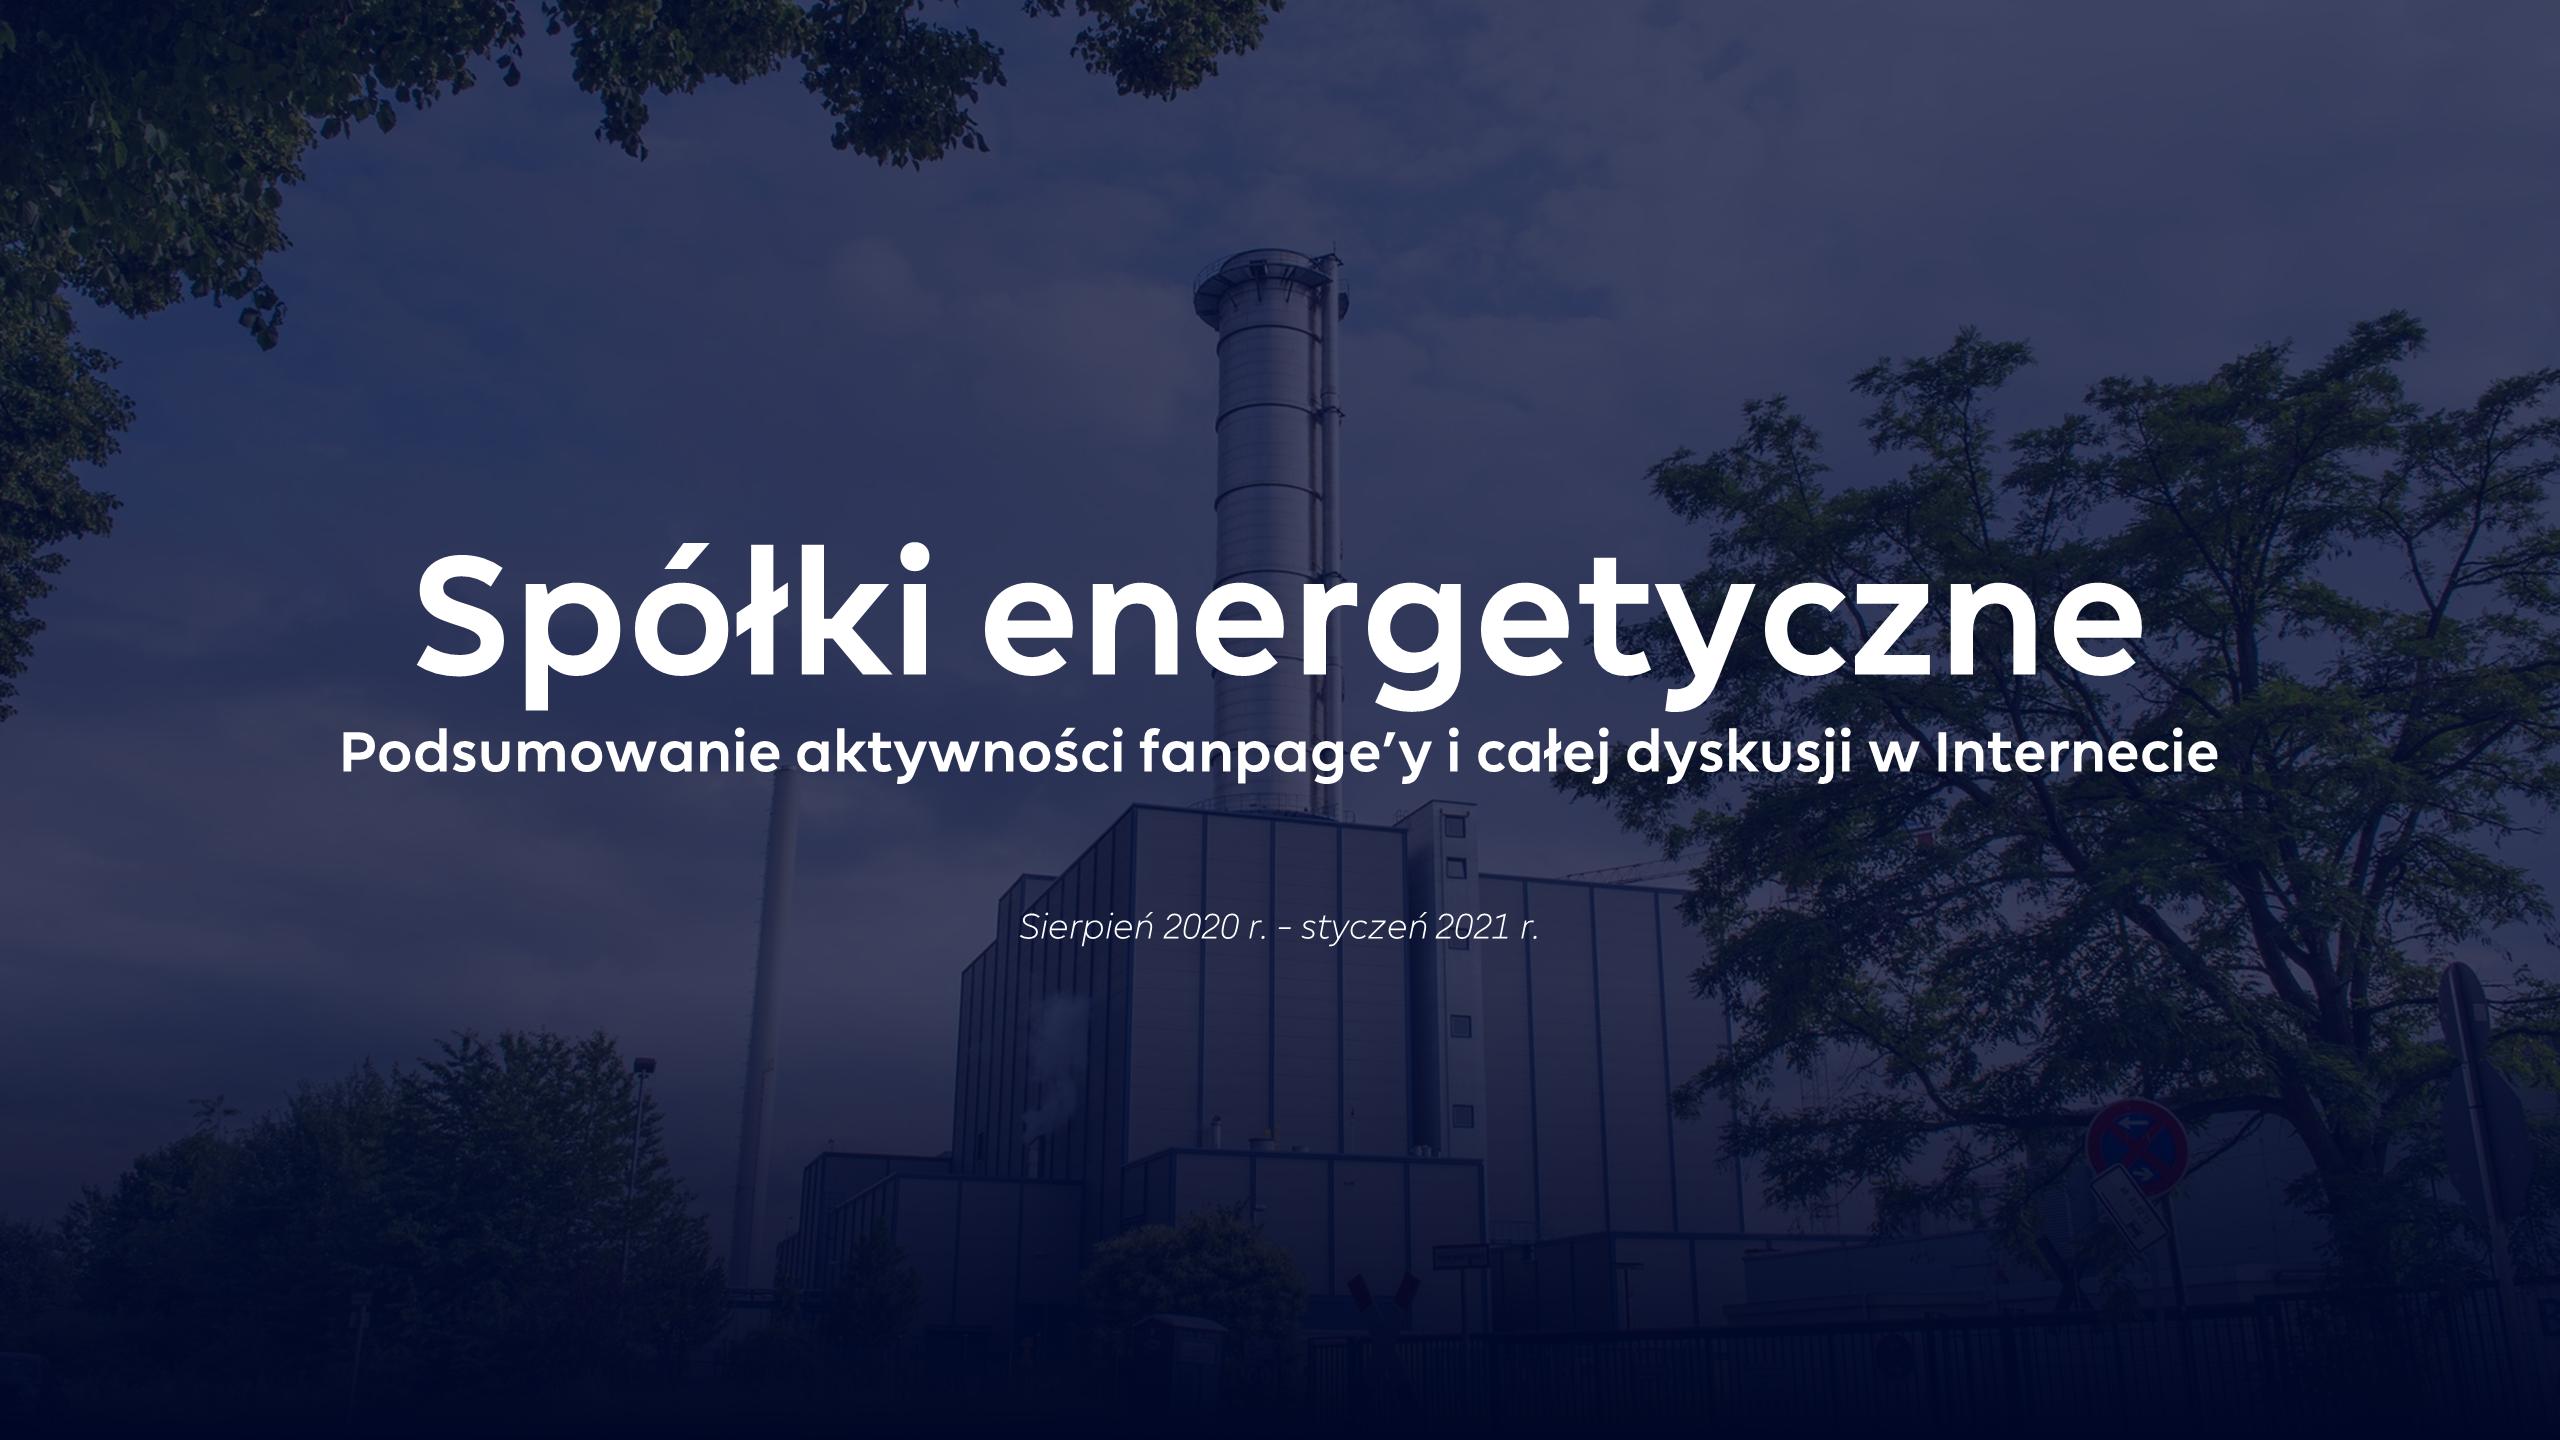 Jak radzą sobie w sieci firmy energetyczne?